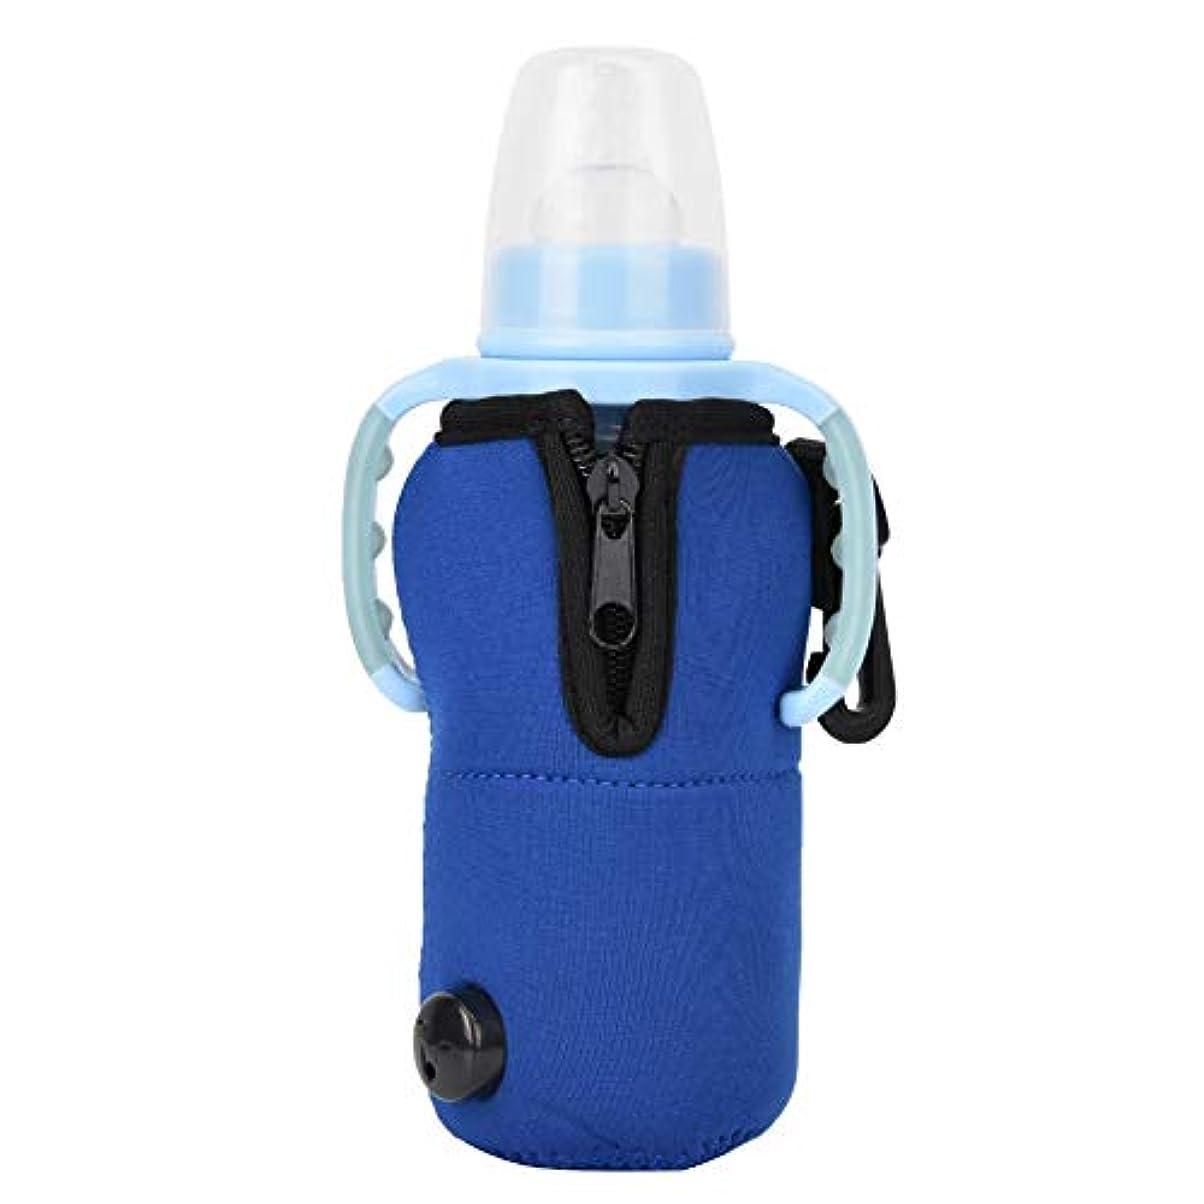 証書競争力のある反論者ミルクウォーマー ウォータードリンクボトルカップヒーター CHBカーボンファイバーカーヒーター用 耐火布付き加熱